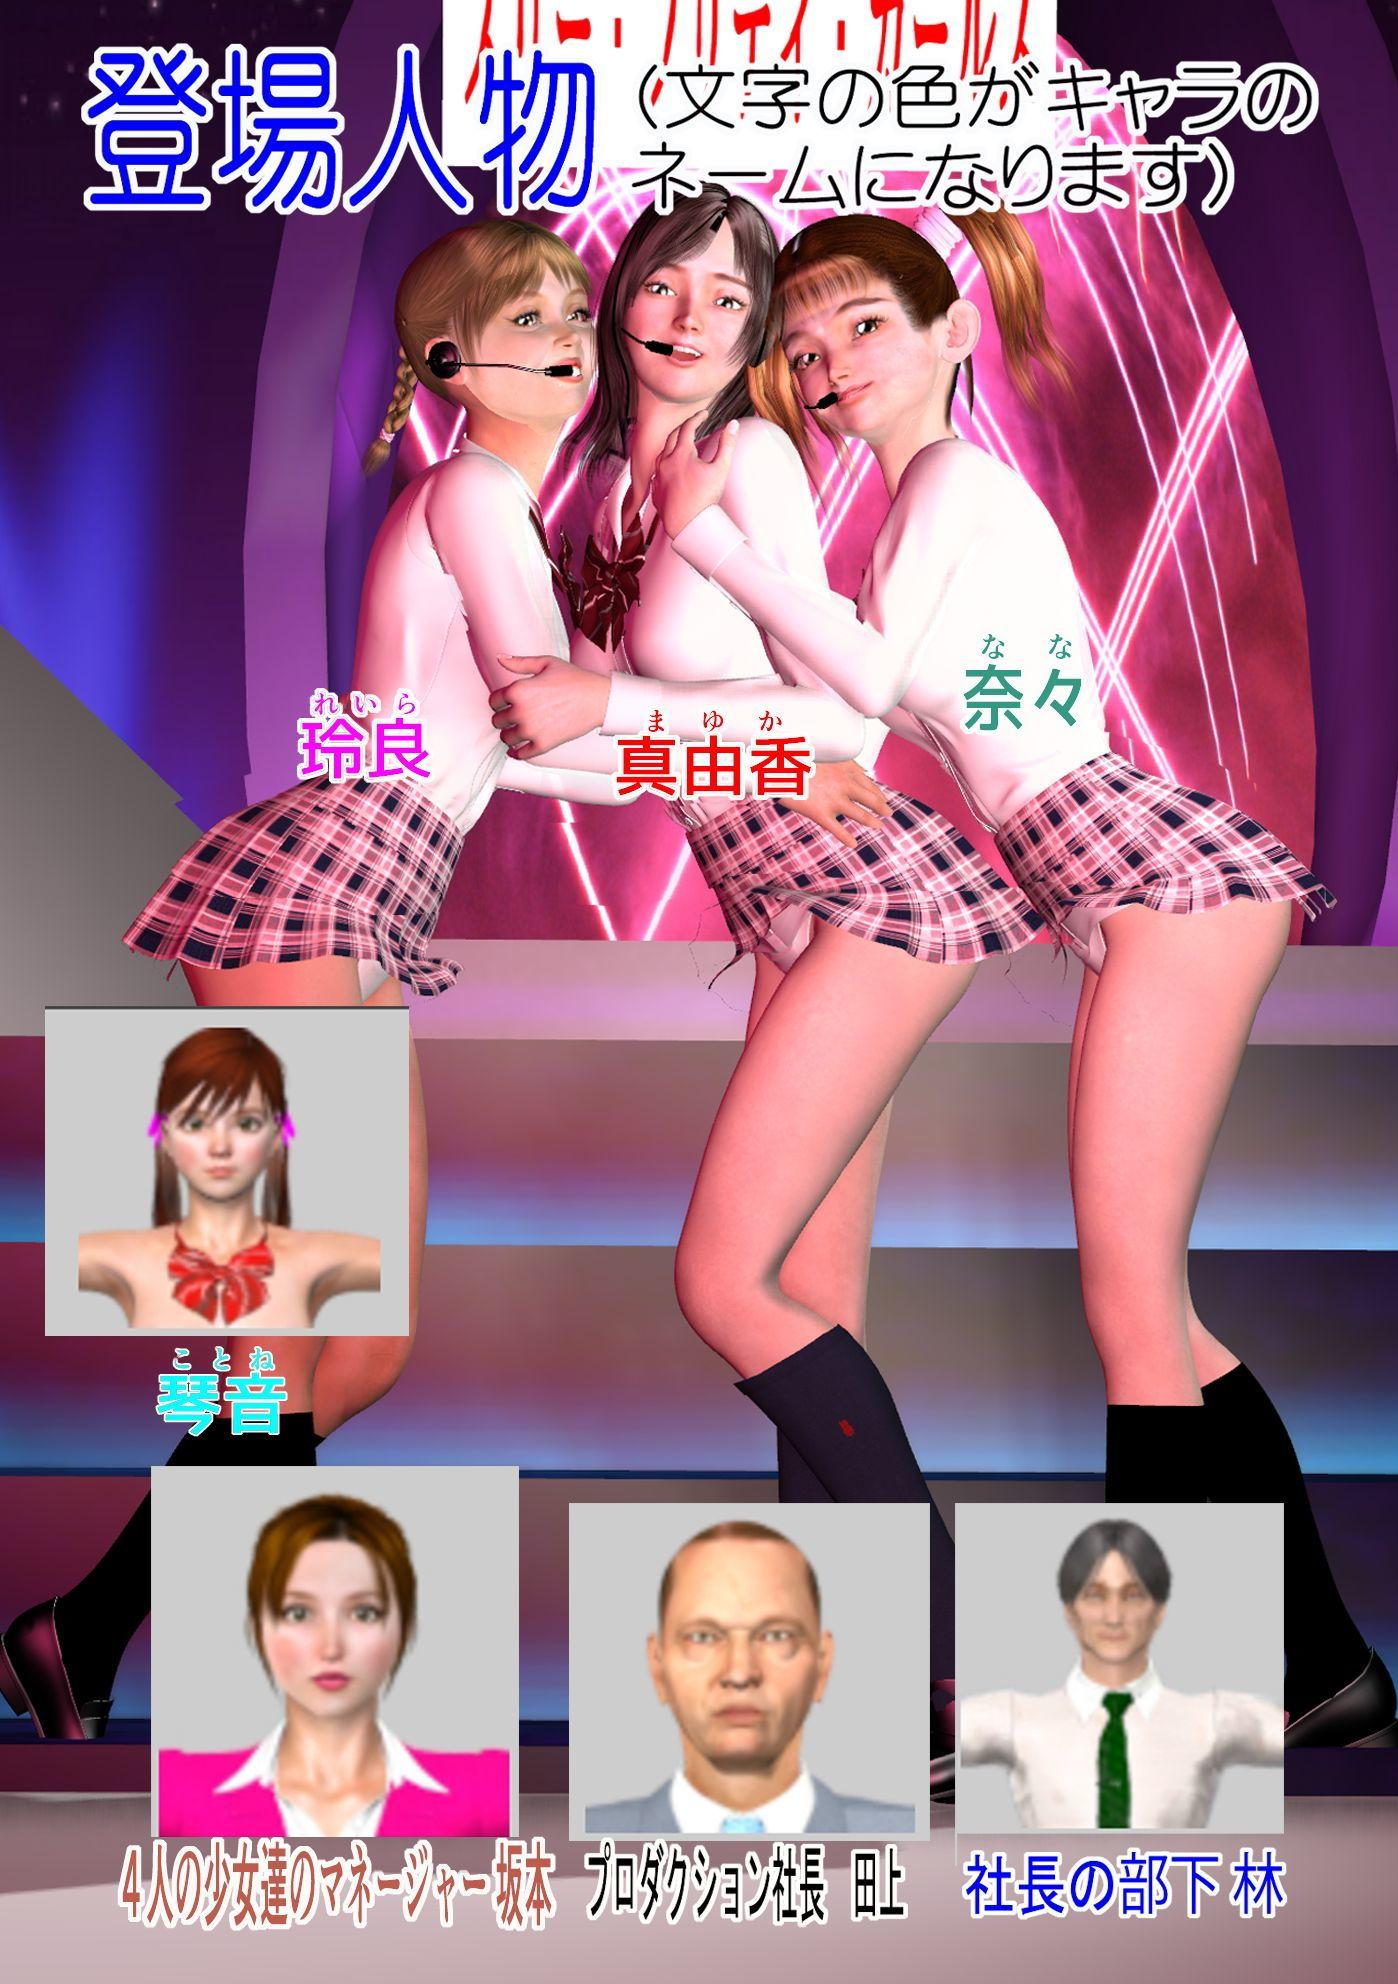 美少女アイドル割れ目開き 第3話 アイドル真由香,奈々陵辱